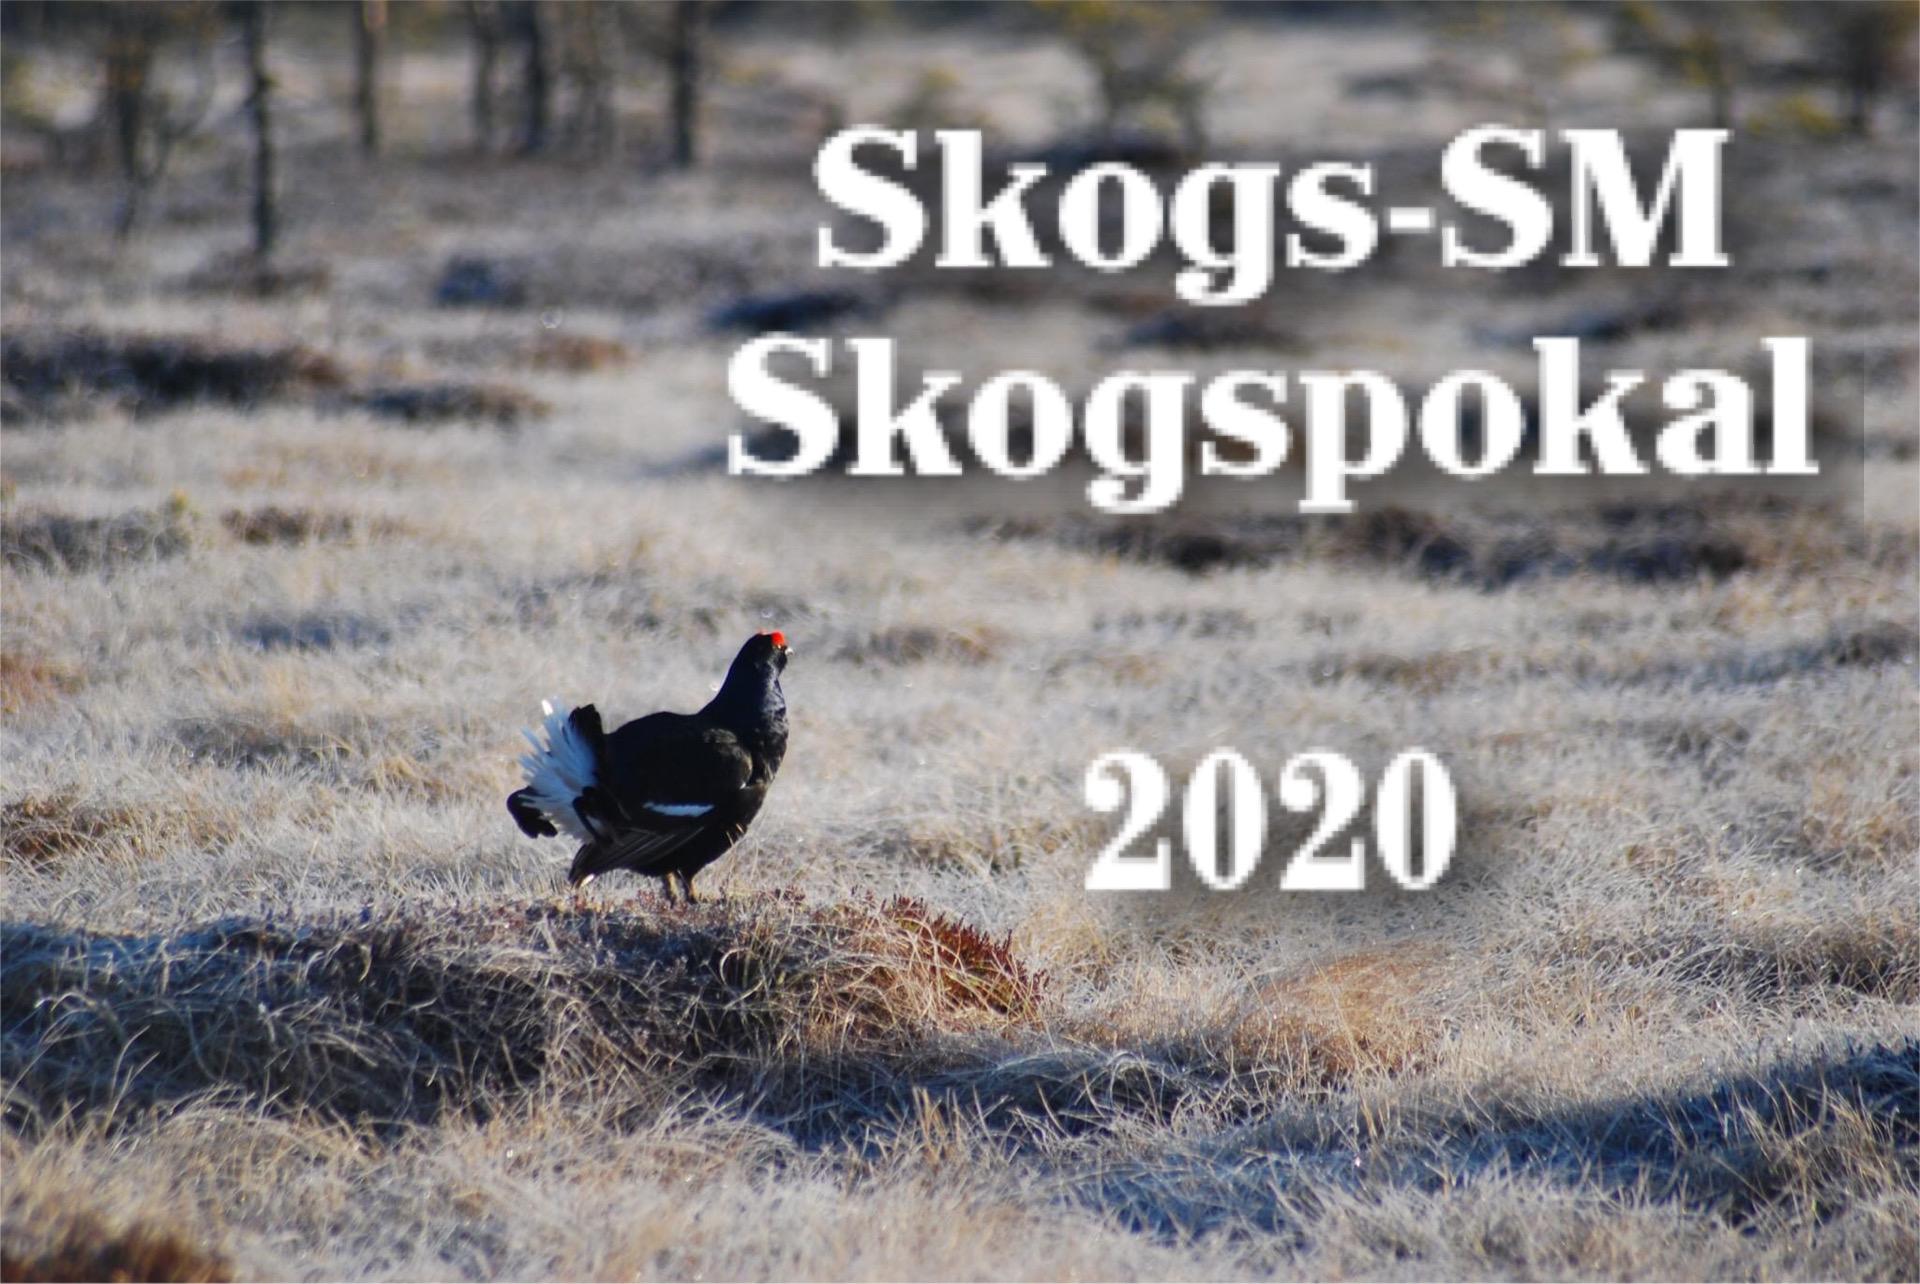 Skogs-SM_Skogspokal 2020